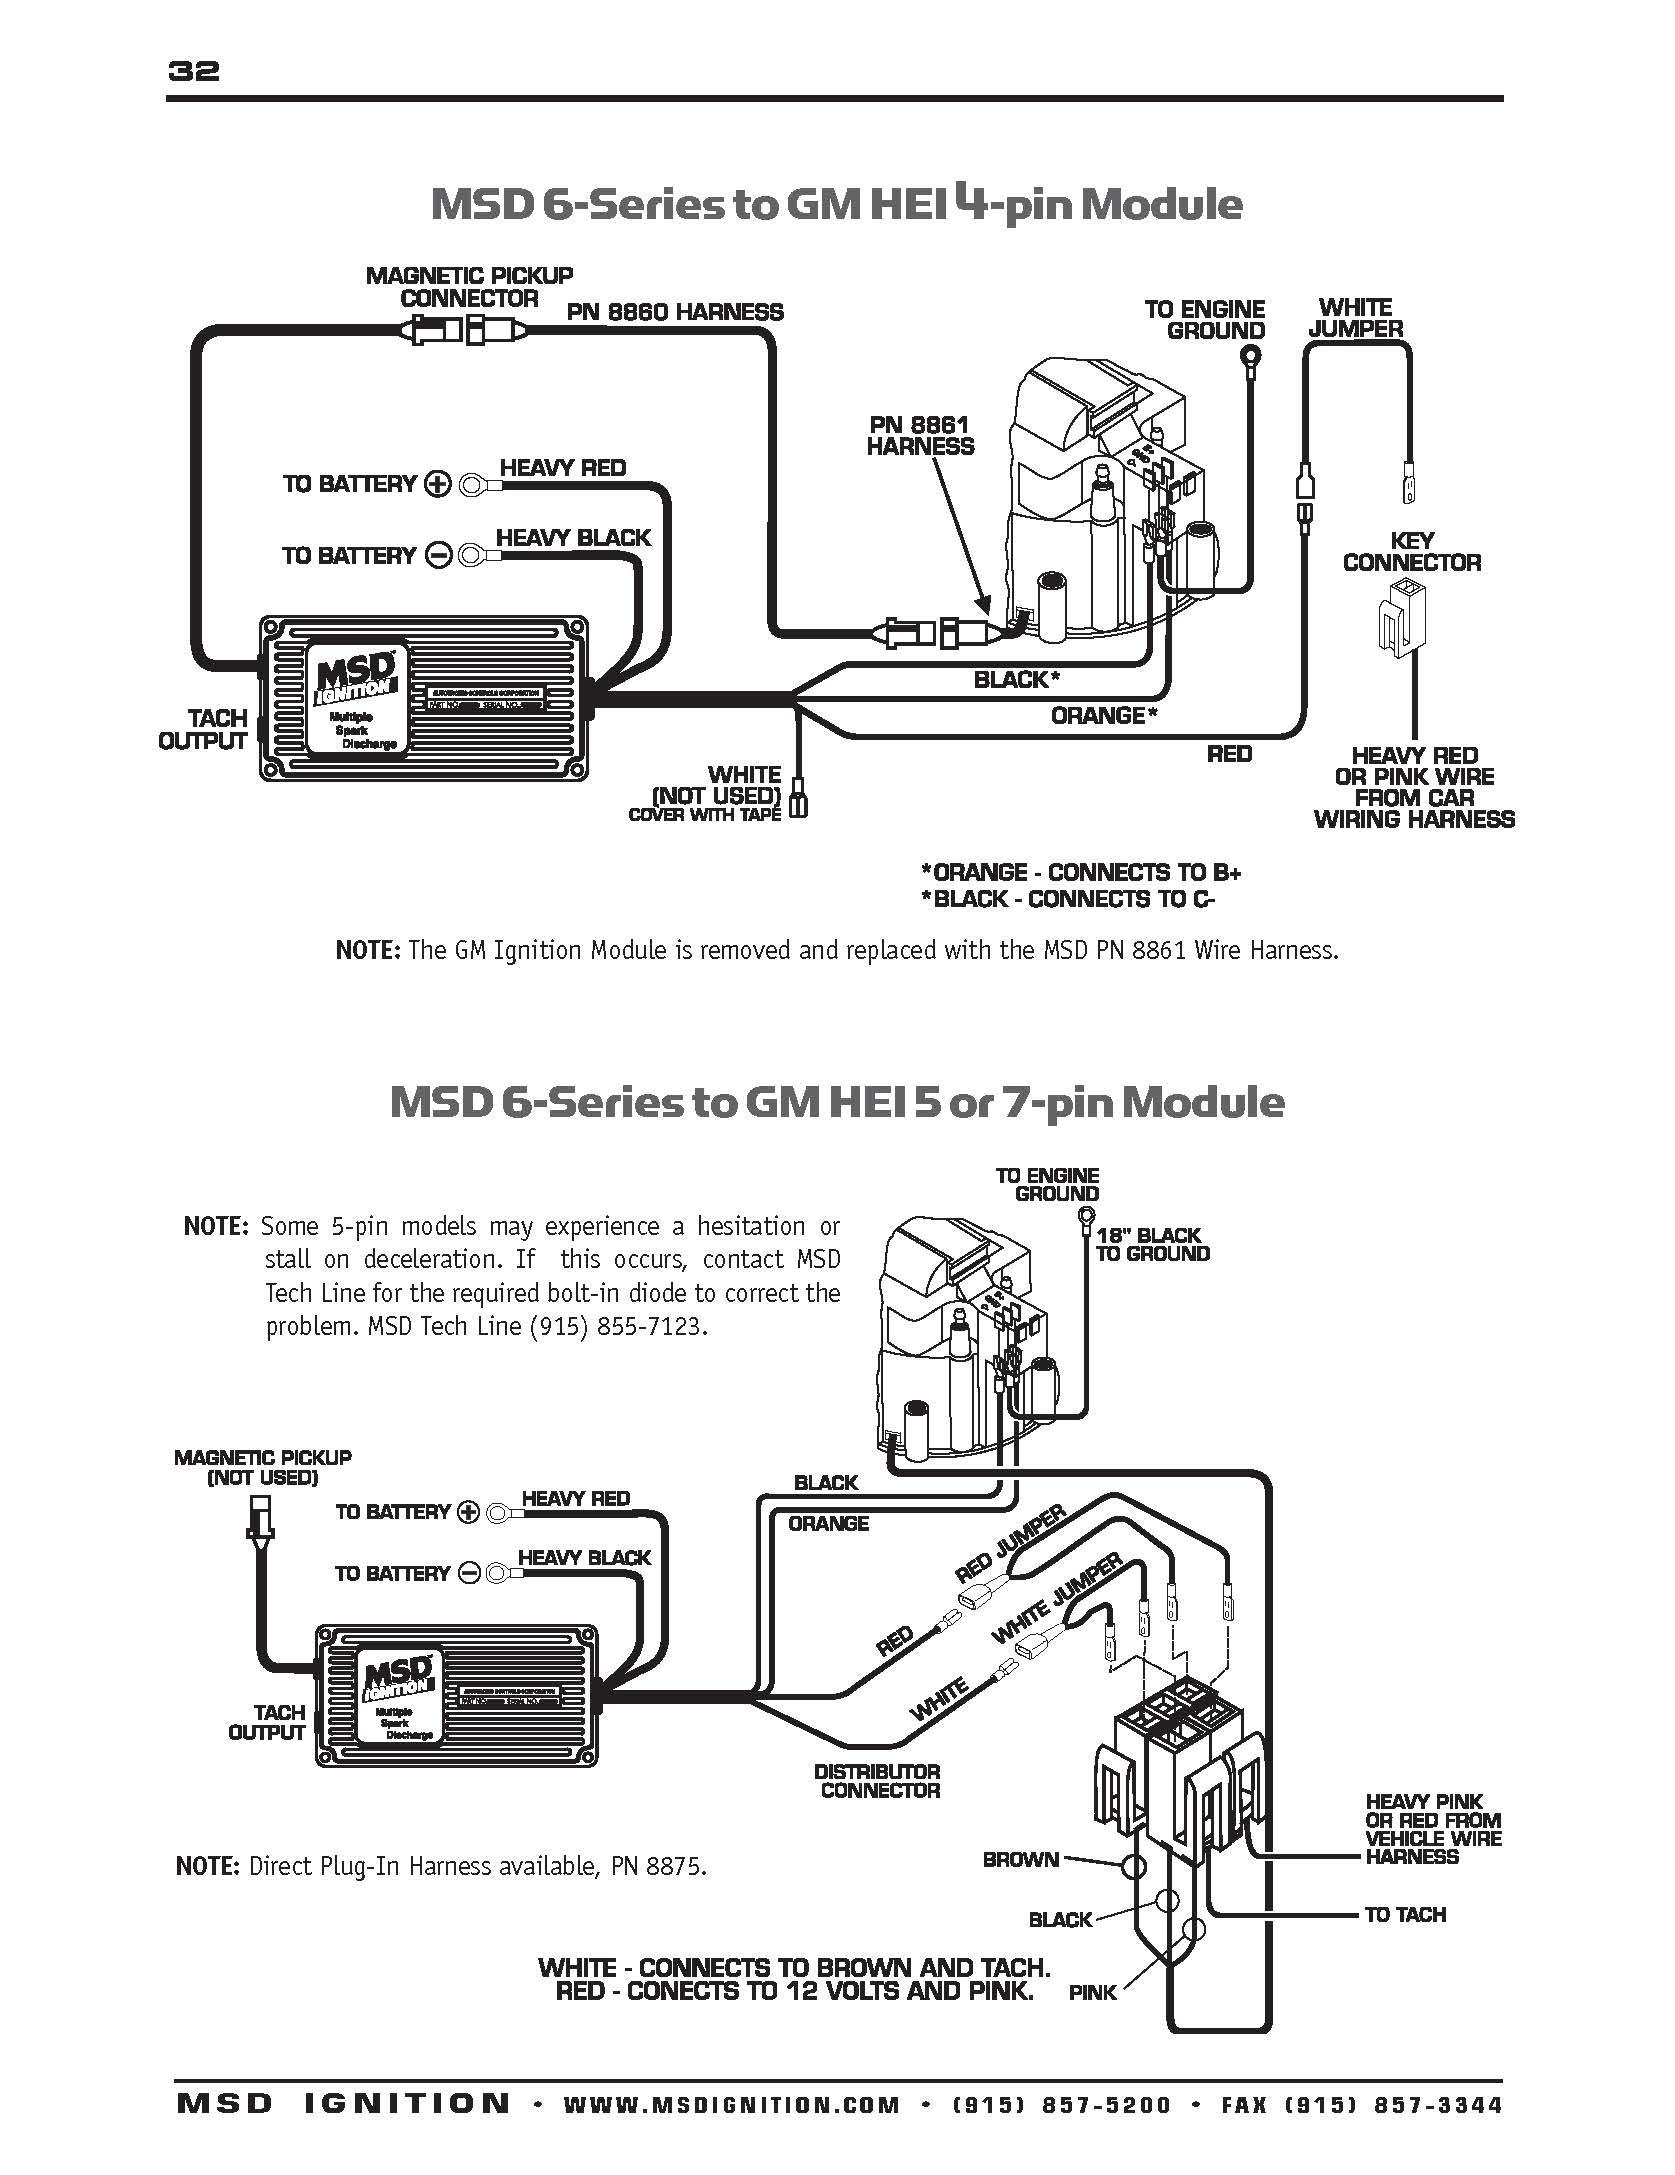 autometer tachometer wiring wiring diagrammsd 6al wiring harness today wiring diagrammsd 6a wiring harness wiring library diagram box auto meter